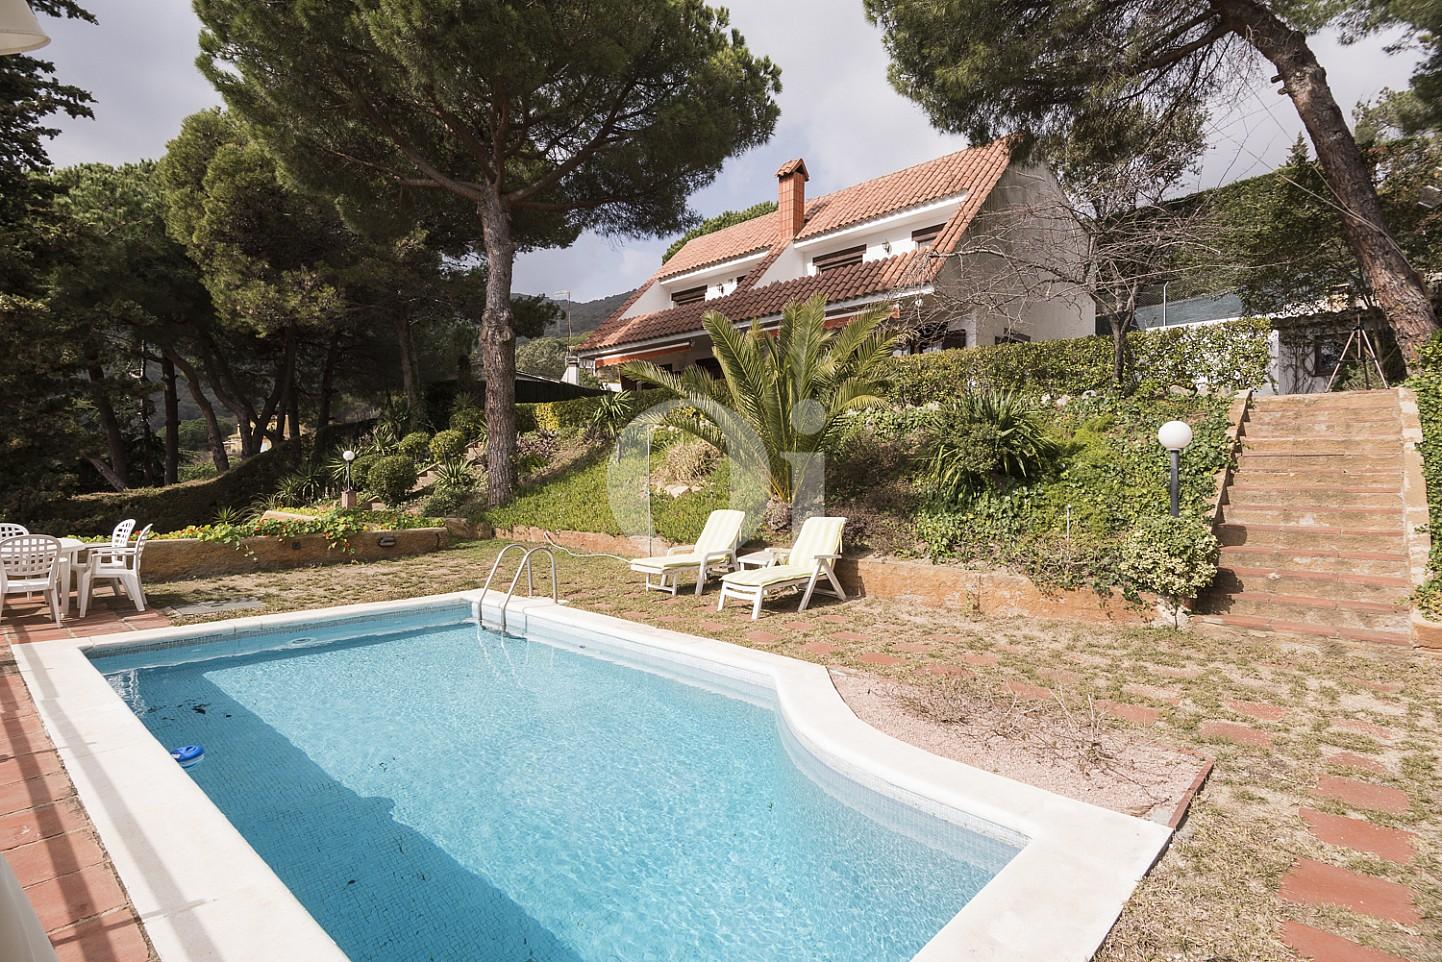 Шикарный бассейн дома на продажу в Сант Висенс де Монтальт